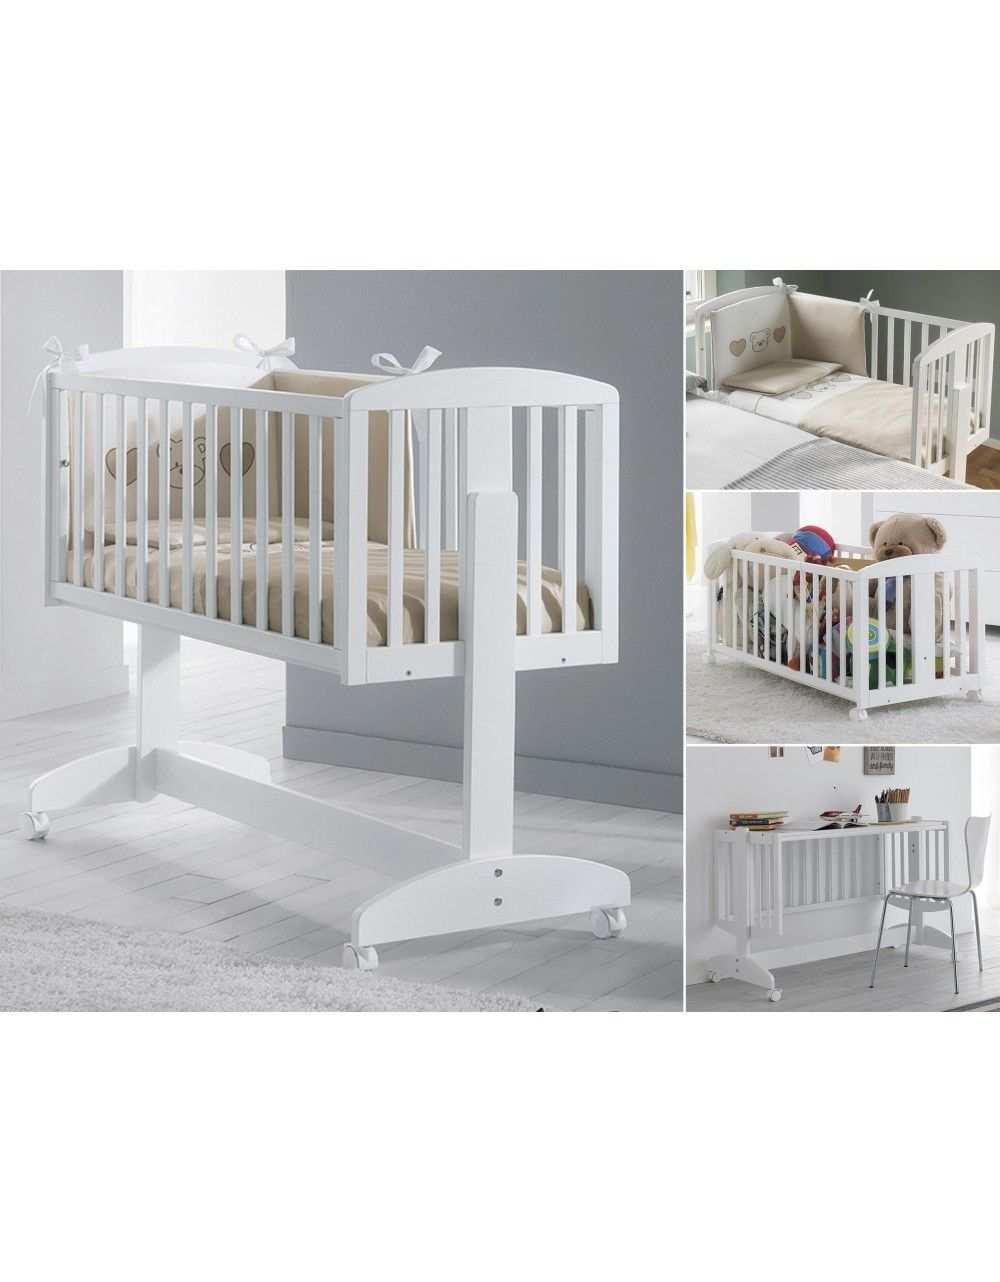 Das Multifunktionsmobel Emmi Ist 5 In 1 Beistellbett Wiege Schreibtisch Spielebox Und Kleiderstange Mehr Funkti Beistellbett Baby Mobel Babywiege